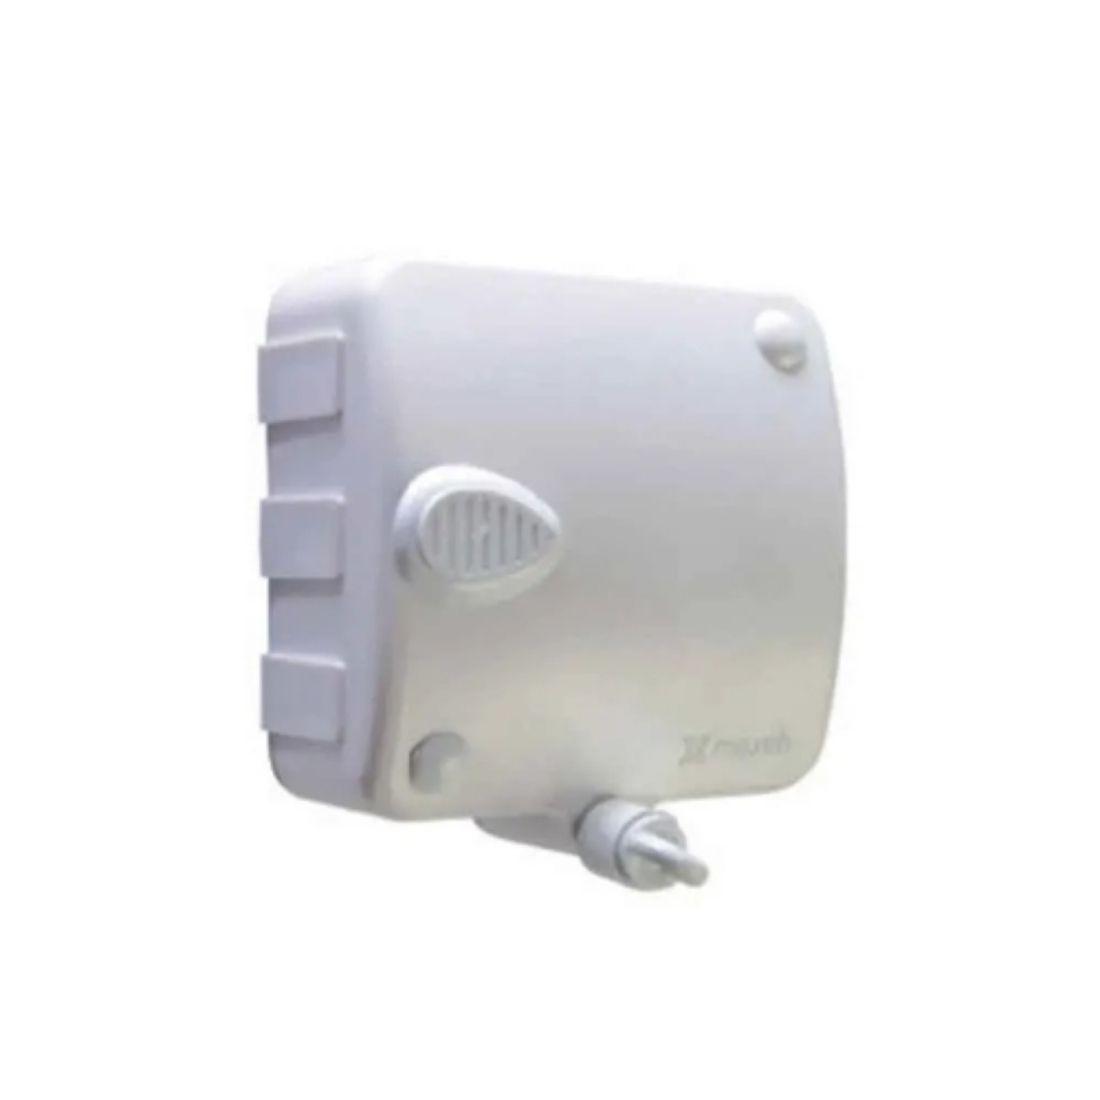 Varal Modular Recolhível Automático Seca Fácil Parede 1 Módulo 6m